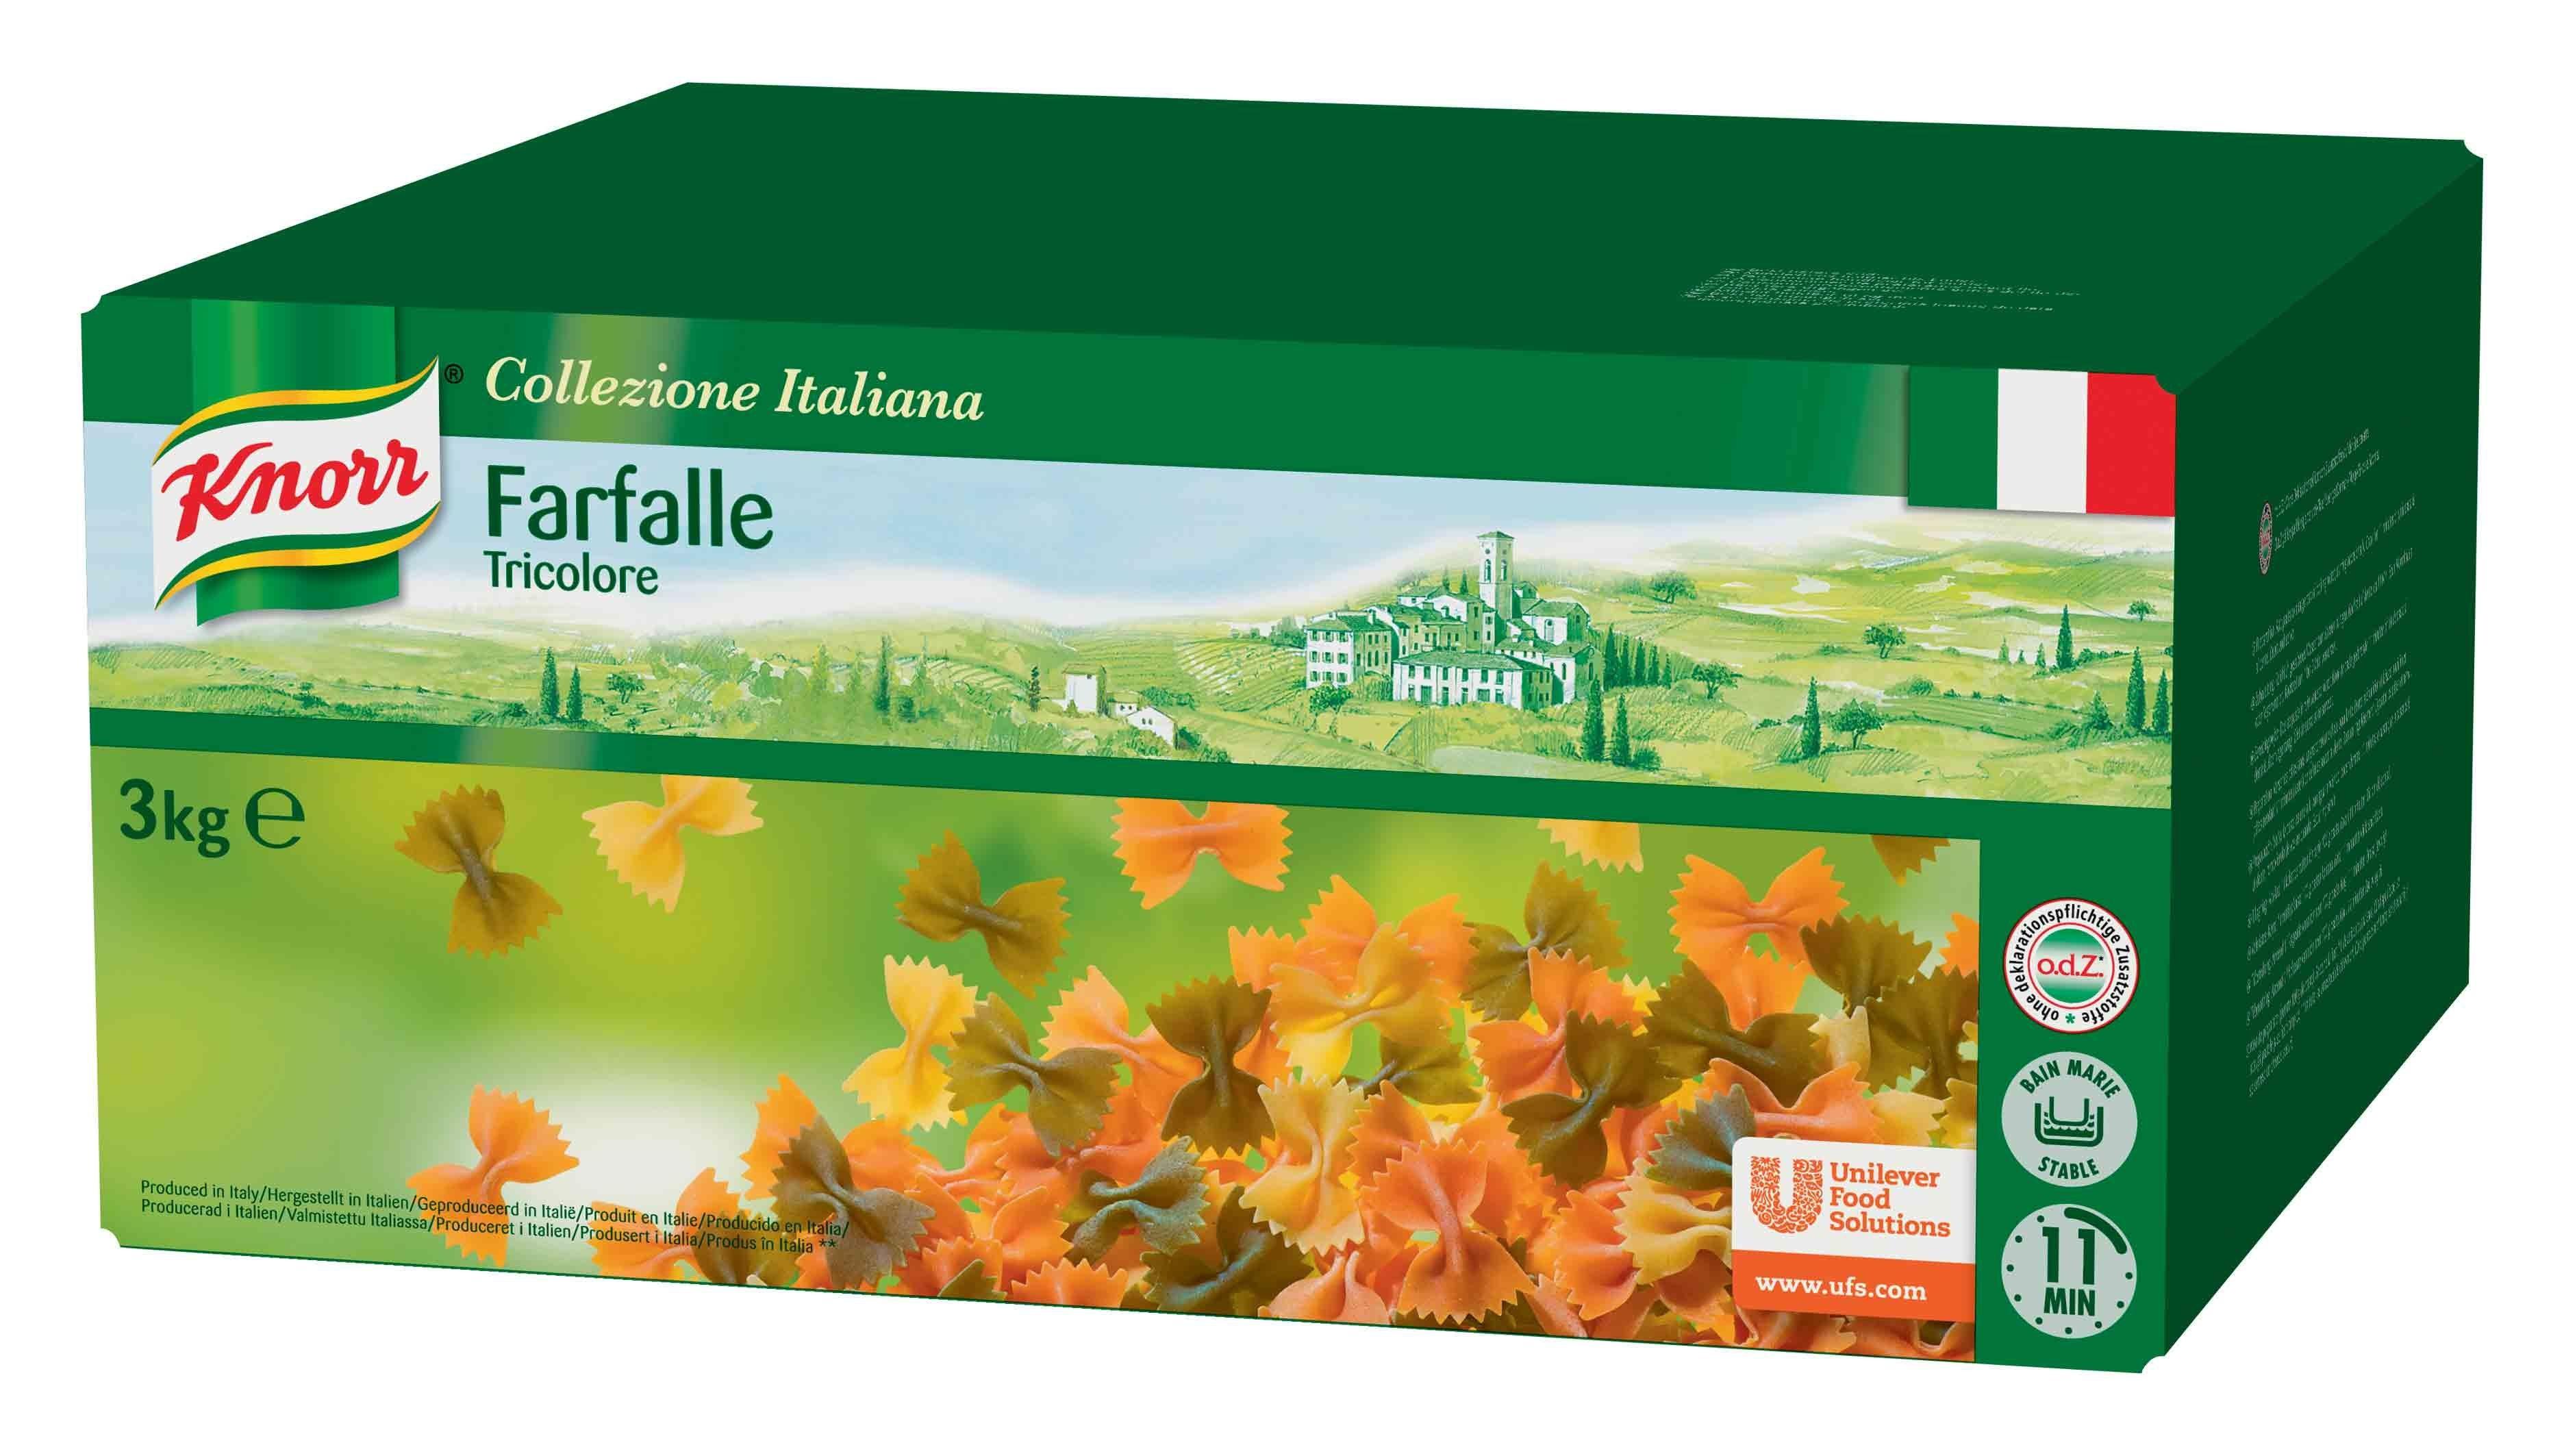 Knorr Farfalle (strikjes) tricolore 3kg Collezione